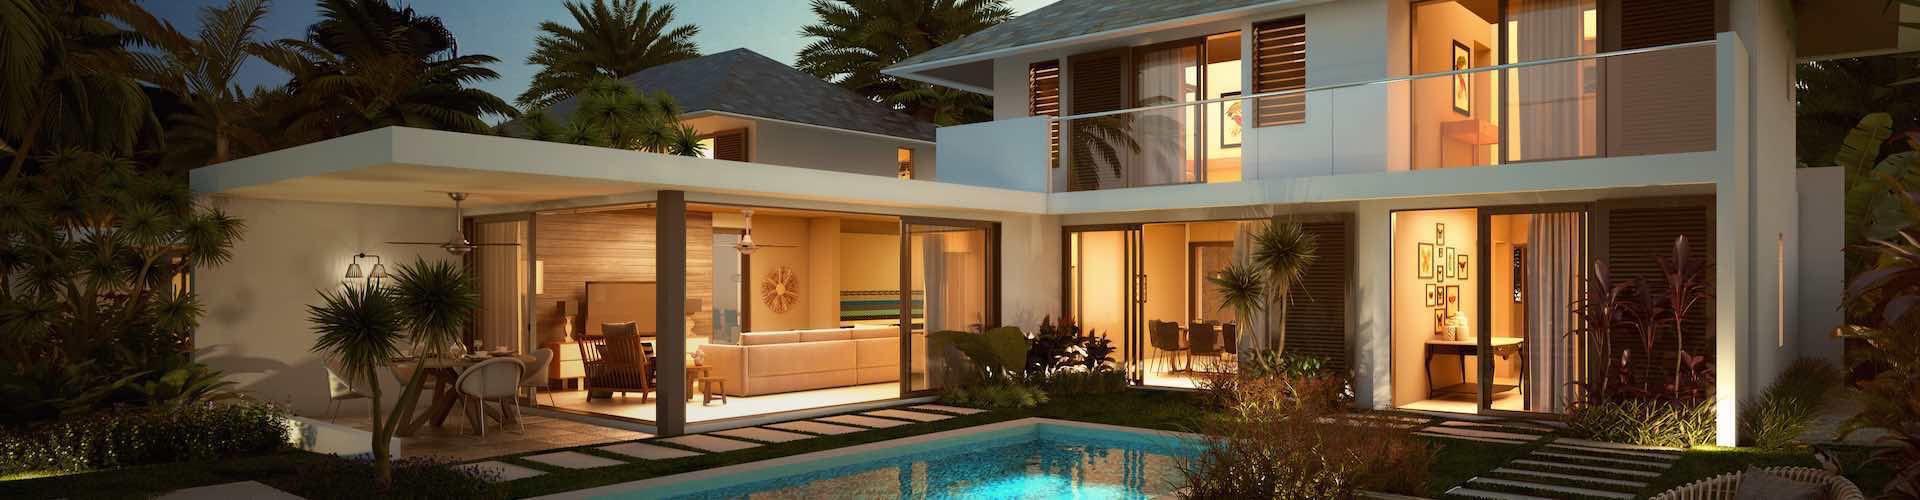 Maison de retraite ile maurice ventana blog for Achat maison de retraite